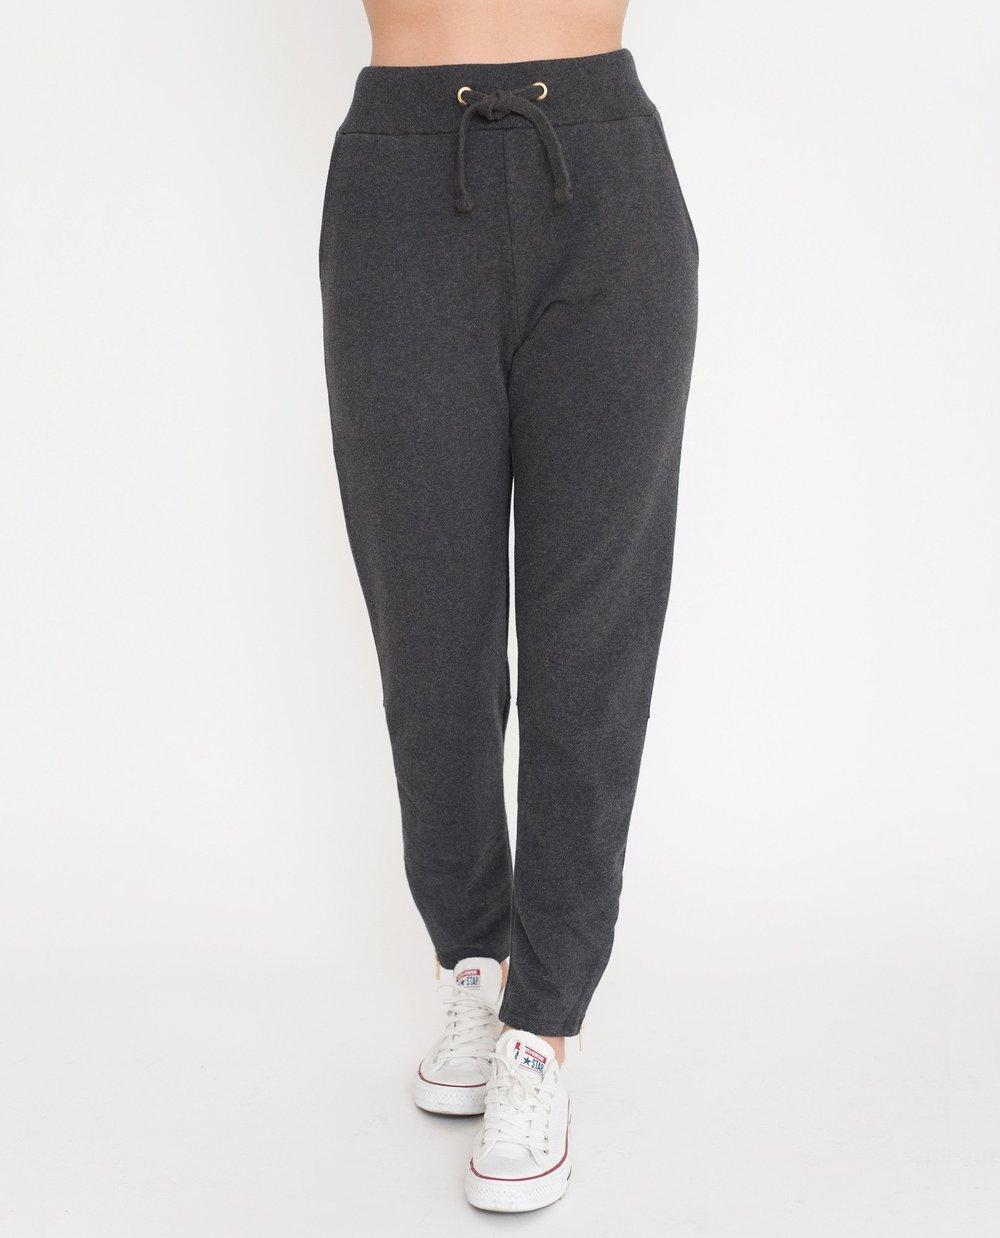 Isla-Beaumont-Organic-Organic-Cotton-Lounge-Trousers-In-Dark-Grey-1.jpg